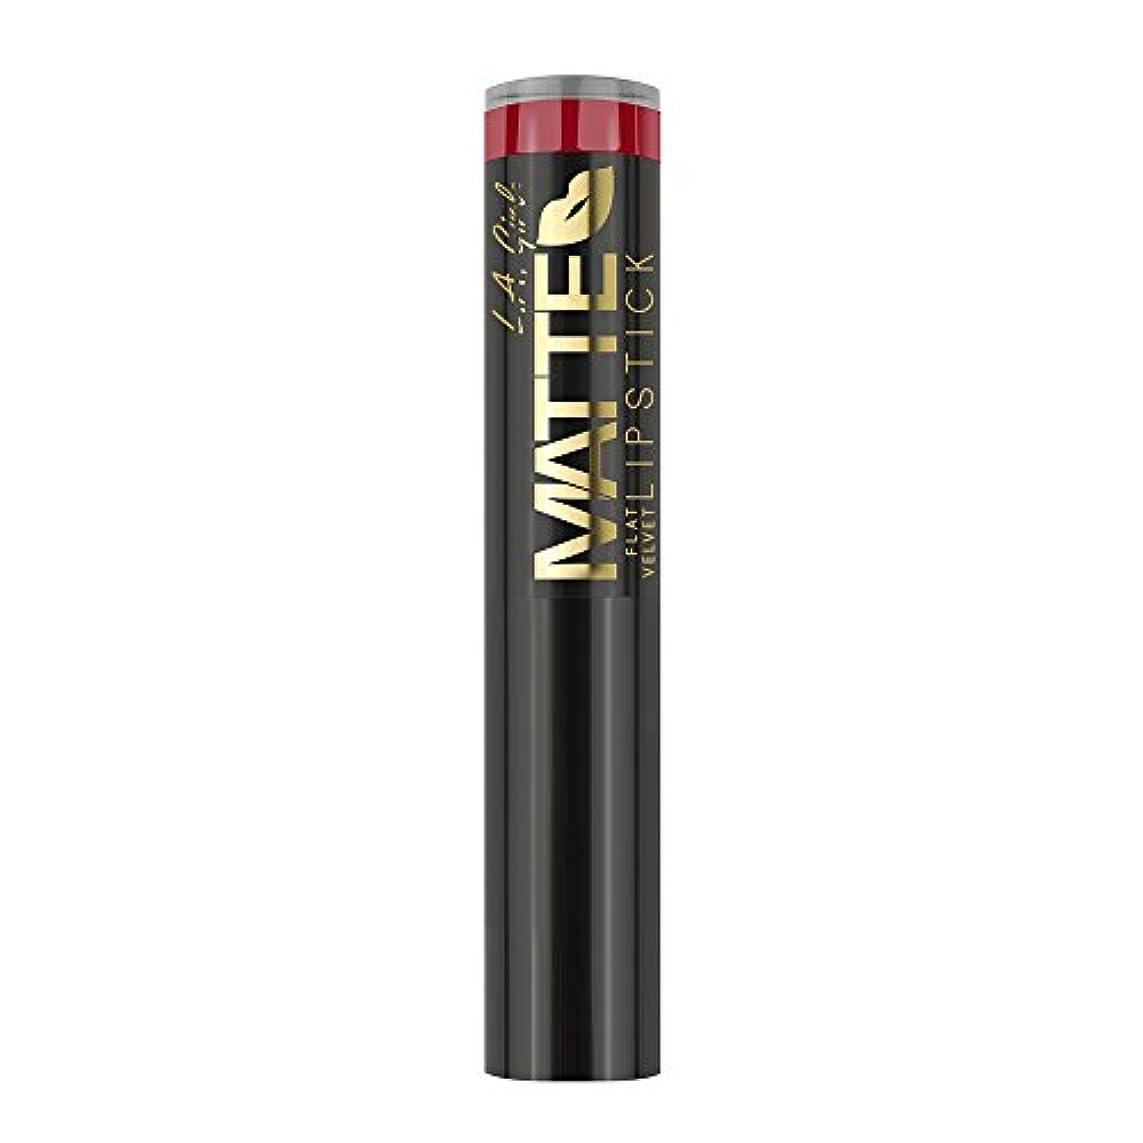 十分なベイビースピーチ(3 Pack) L.A. GIRL Matte Flat Velvet Lipstick Relentless (並行輸入品)